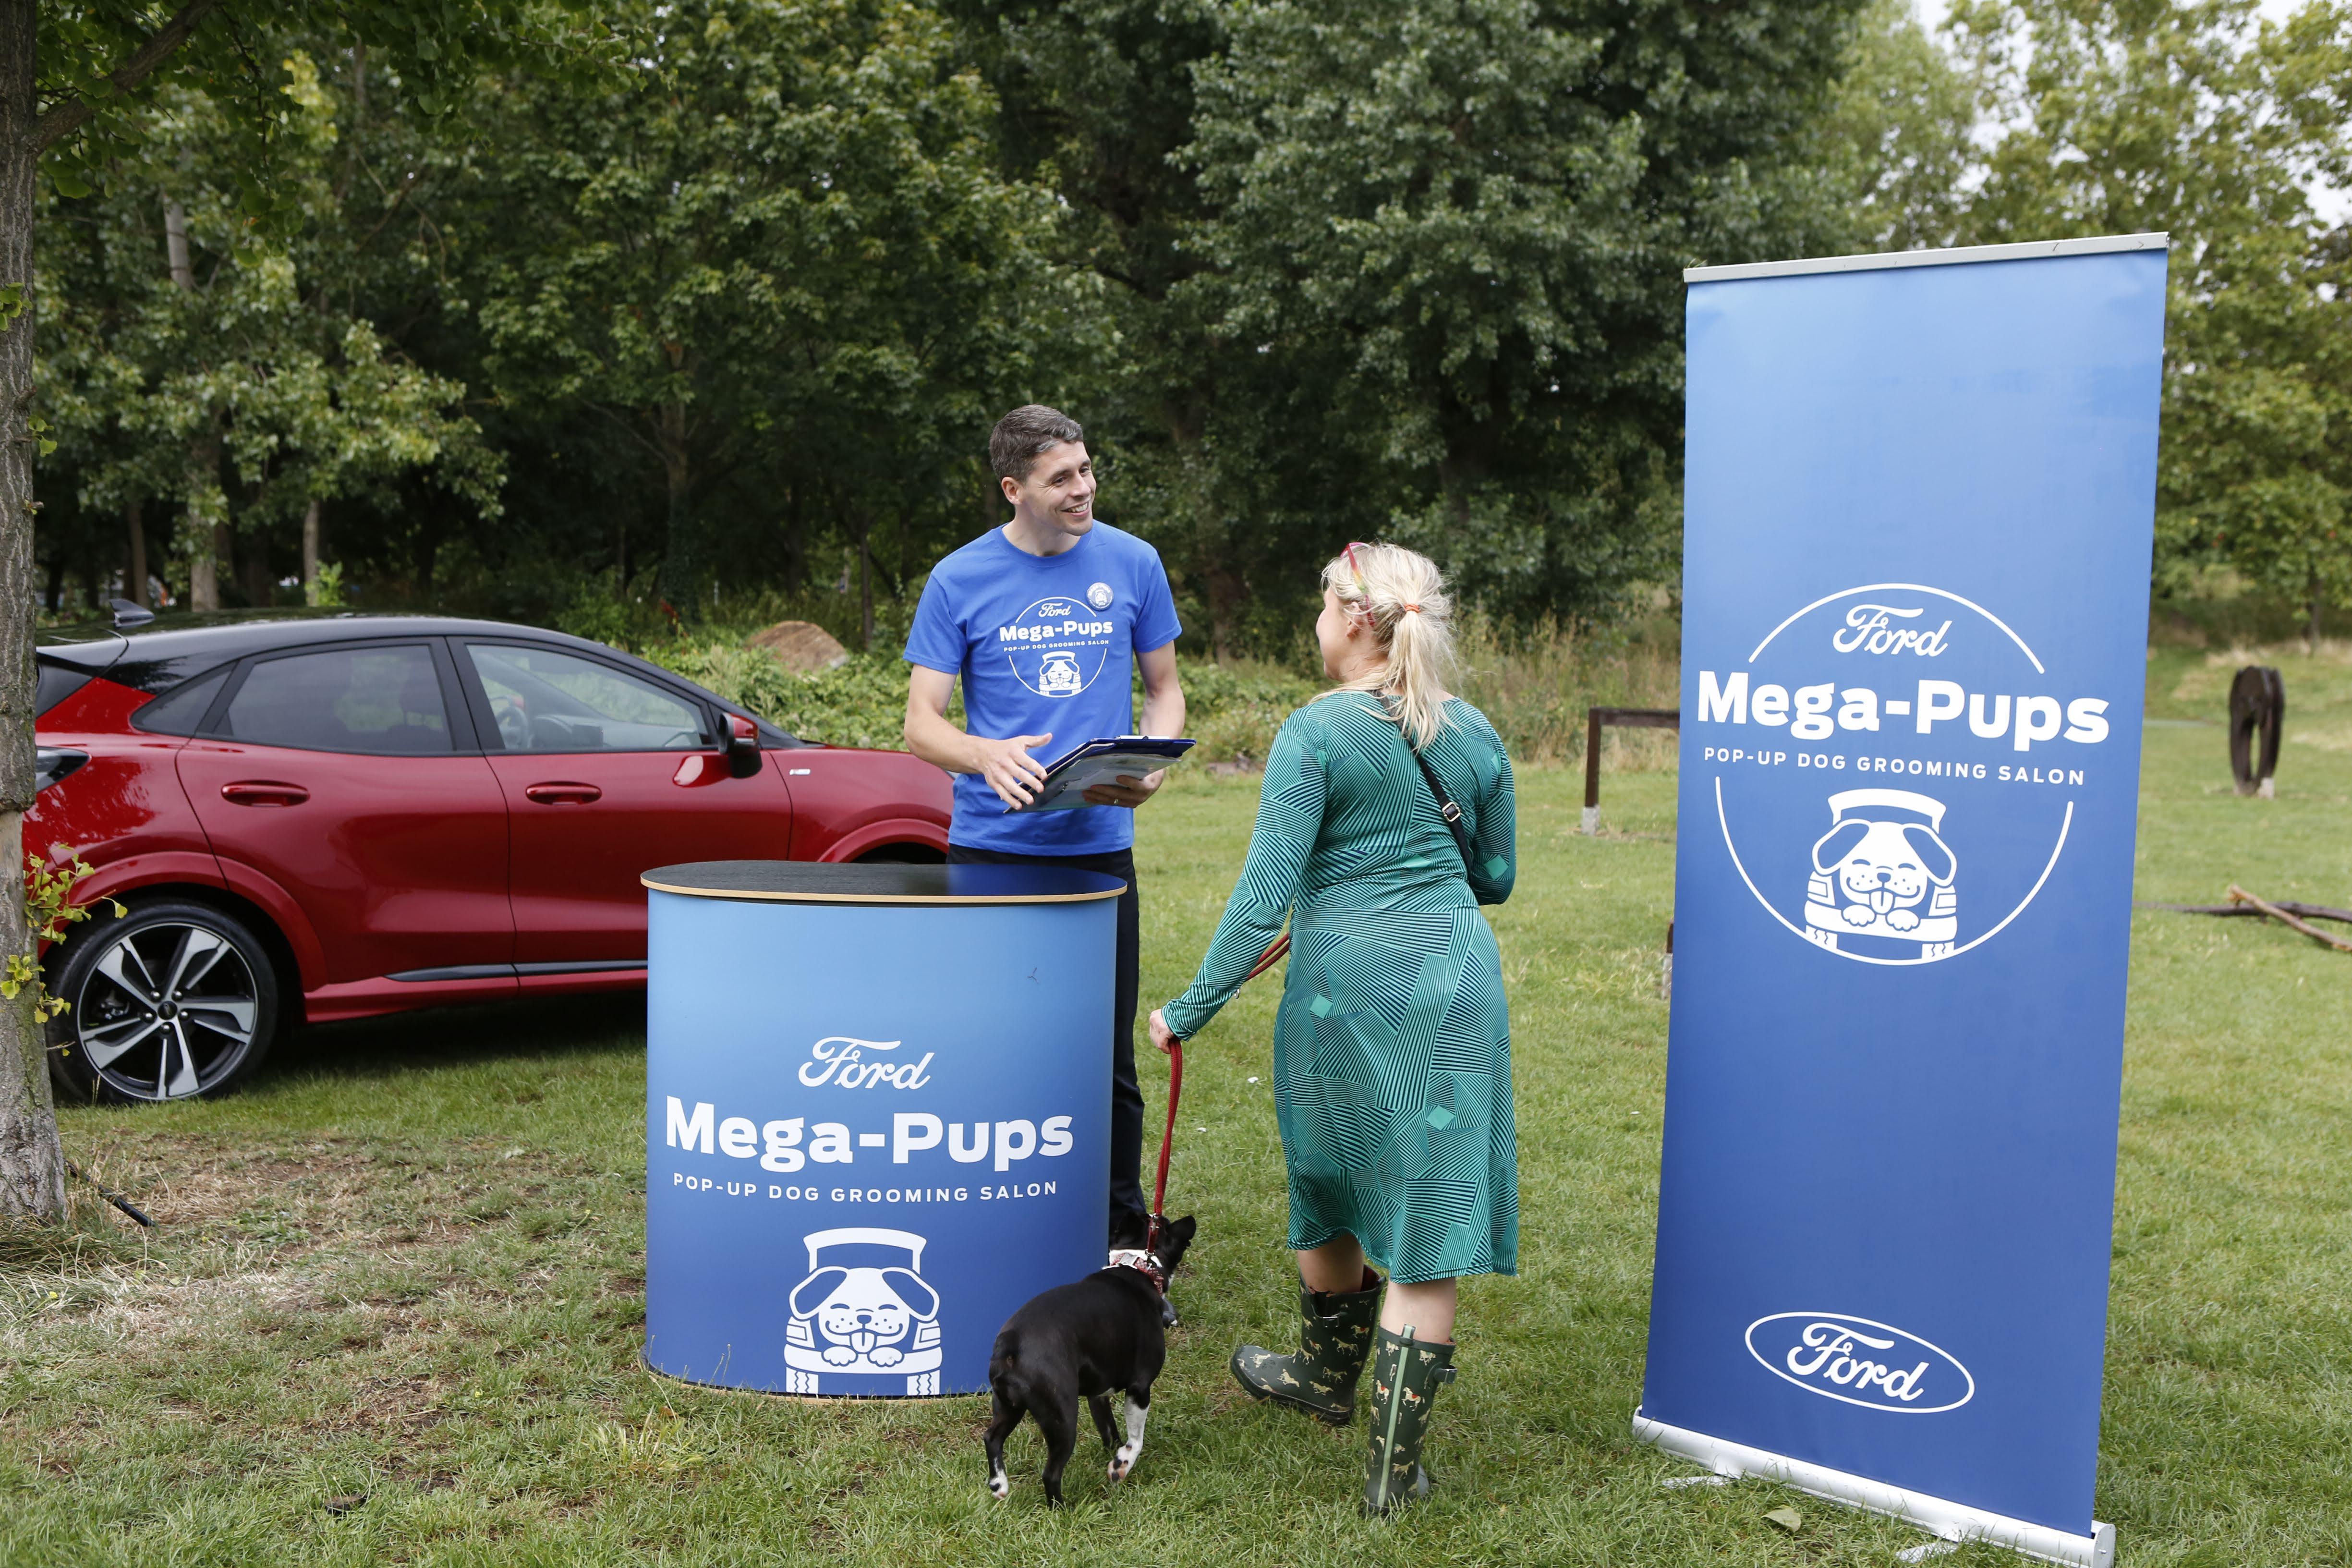 Ford kosmatince ob mednarodnem dnevu psov razvaja z mobilnim urejanjem